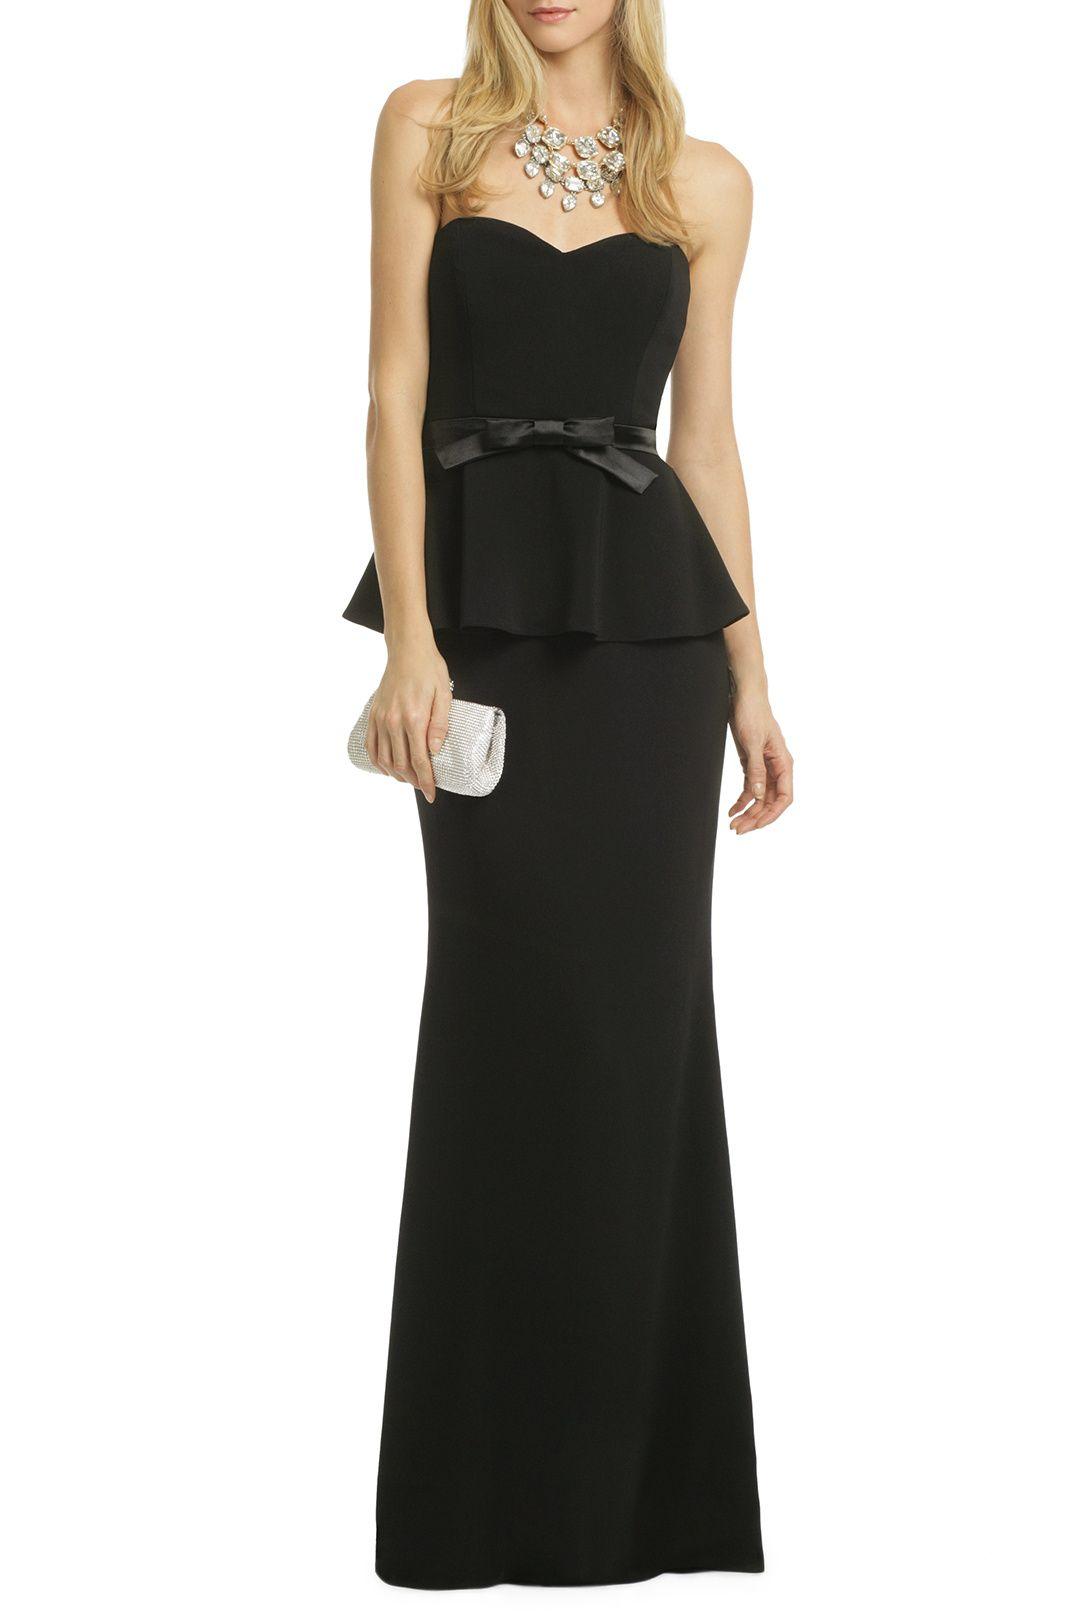 Rosalind Peplum Gown   Gala ideas   Pinterest   Peplum gown, Badgley ...